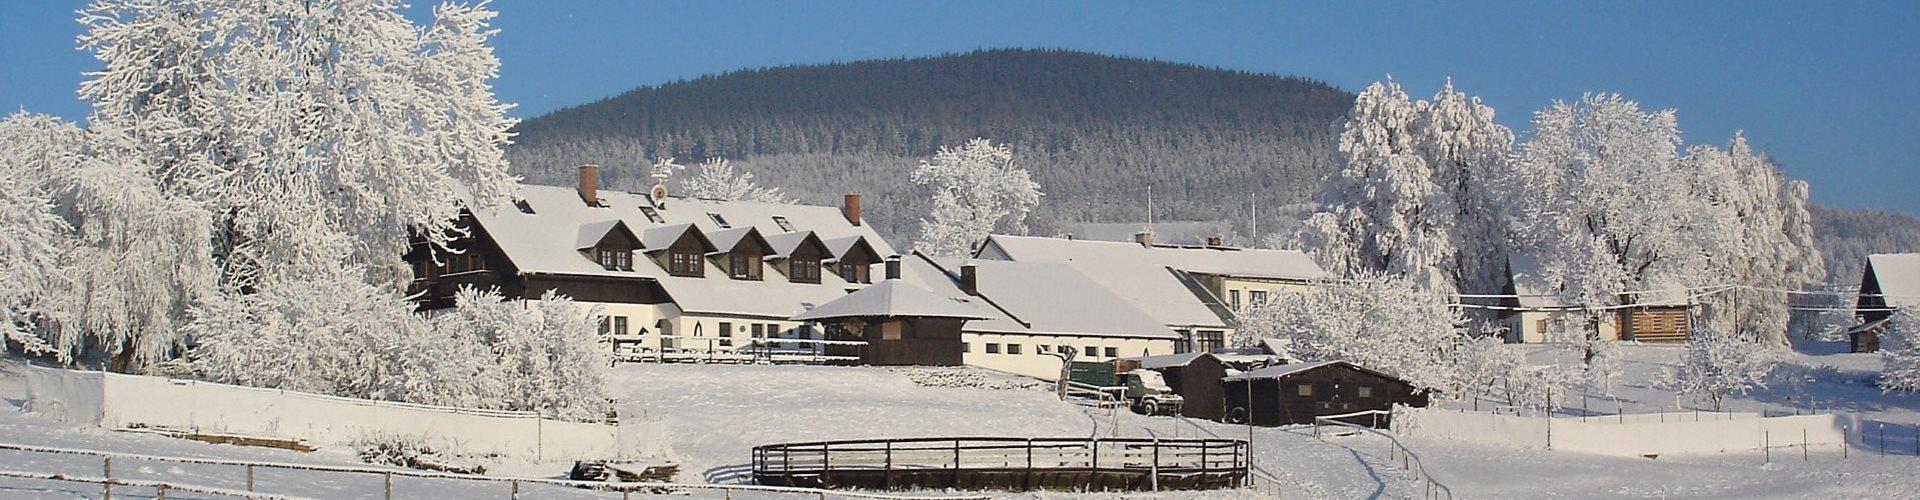 Smejkalova-bouda-Zimni-soustredeni